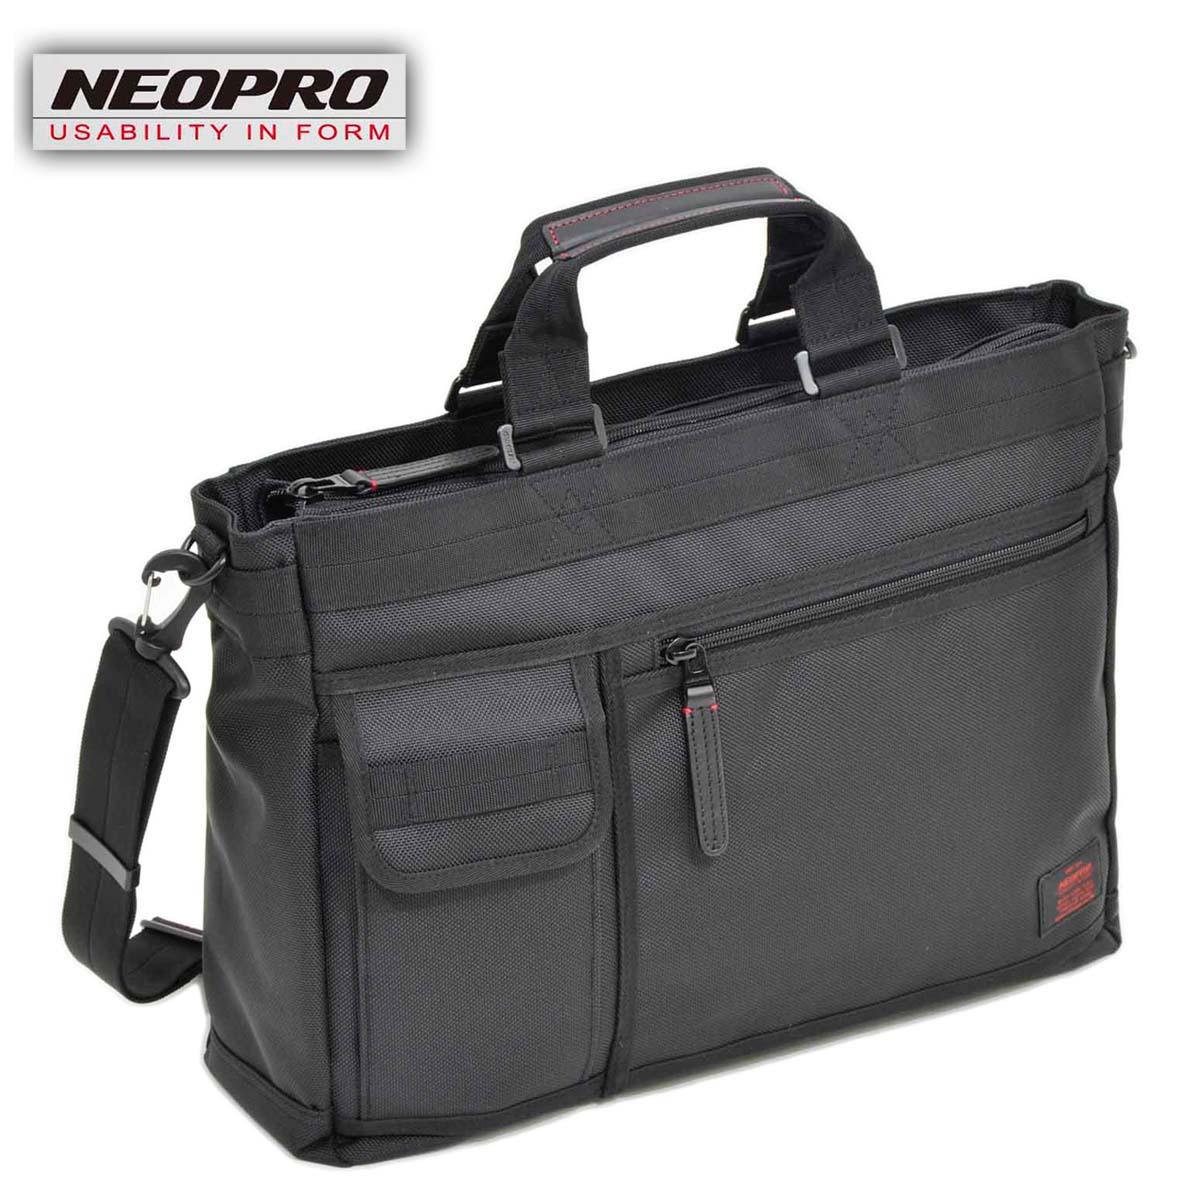 ビジネスバッグ トート メンズ レディース A4ファイル ノートPC対応 NEOPRO RED SERIES ネオプロ No:2-031 軽量 多機能 通勤 通学 エンドー鞄